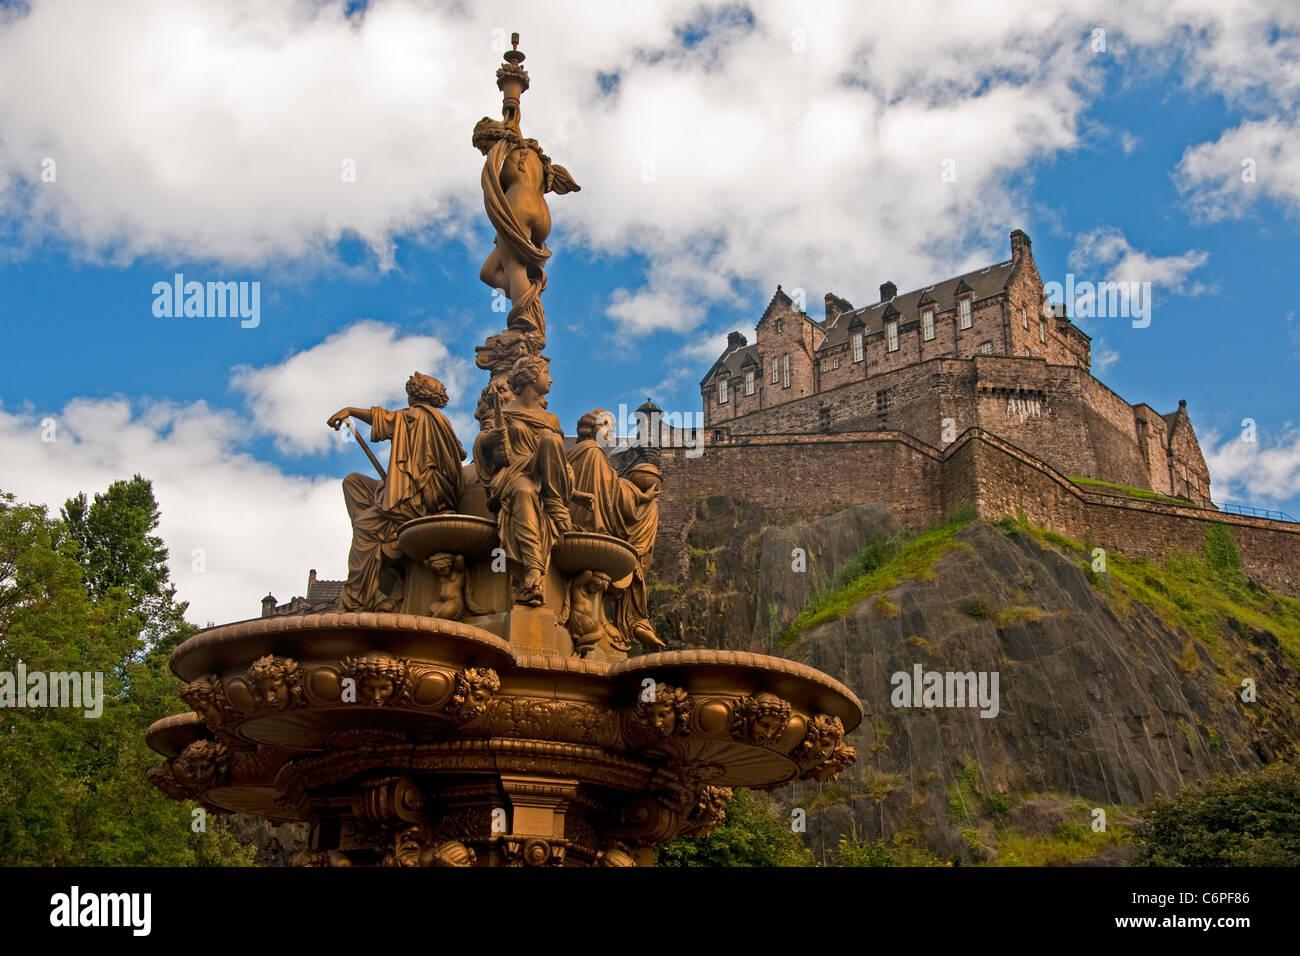 Le Château d'Édimbourg sur Castle Rock volcanique de West Princes Street Gardens avec Ross sculpture Photo Stock